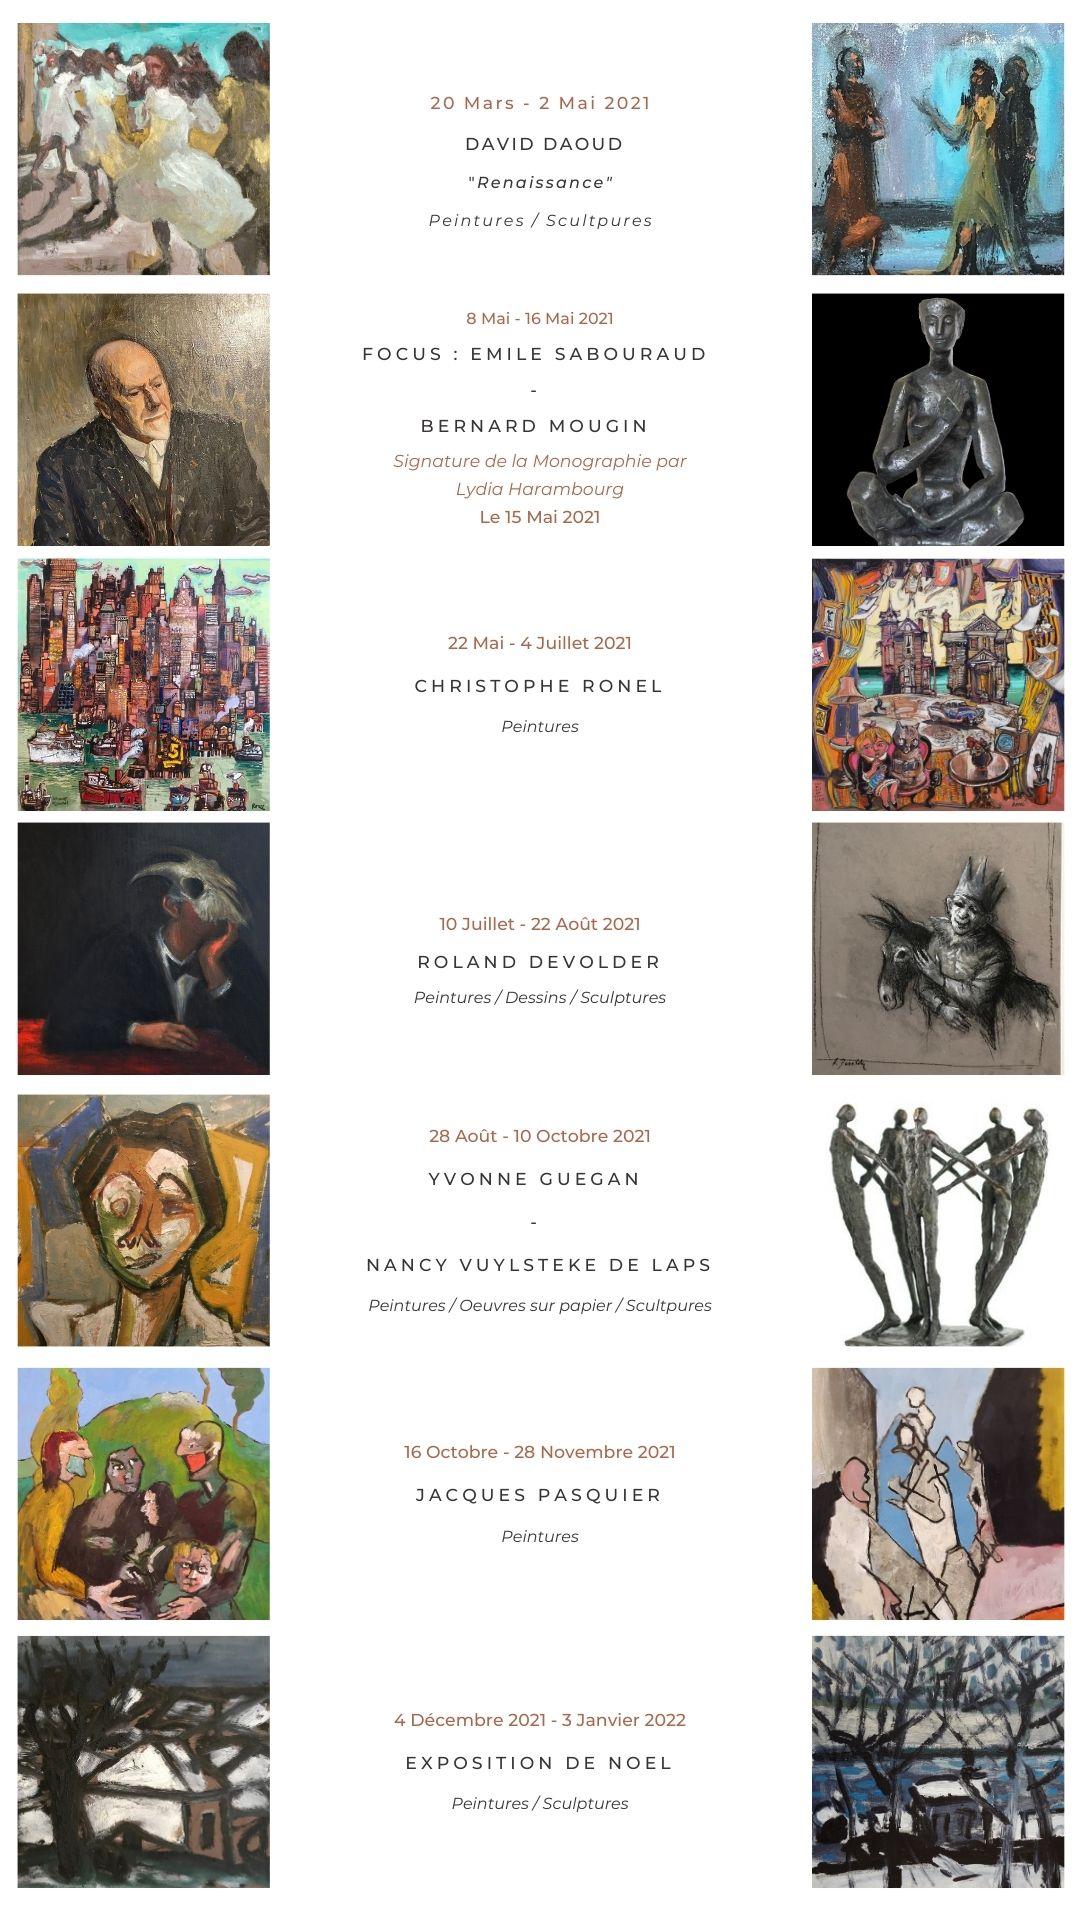 programmation de la galerie Danielle Bourdette gorzkowski pour l'année 2021